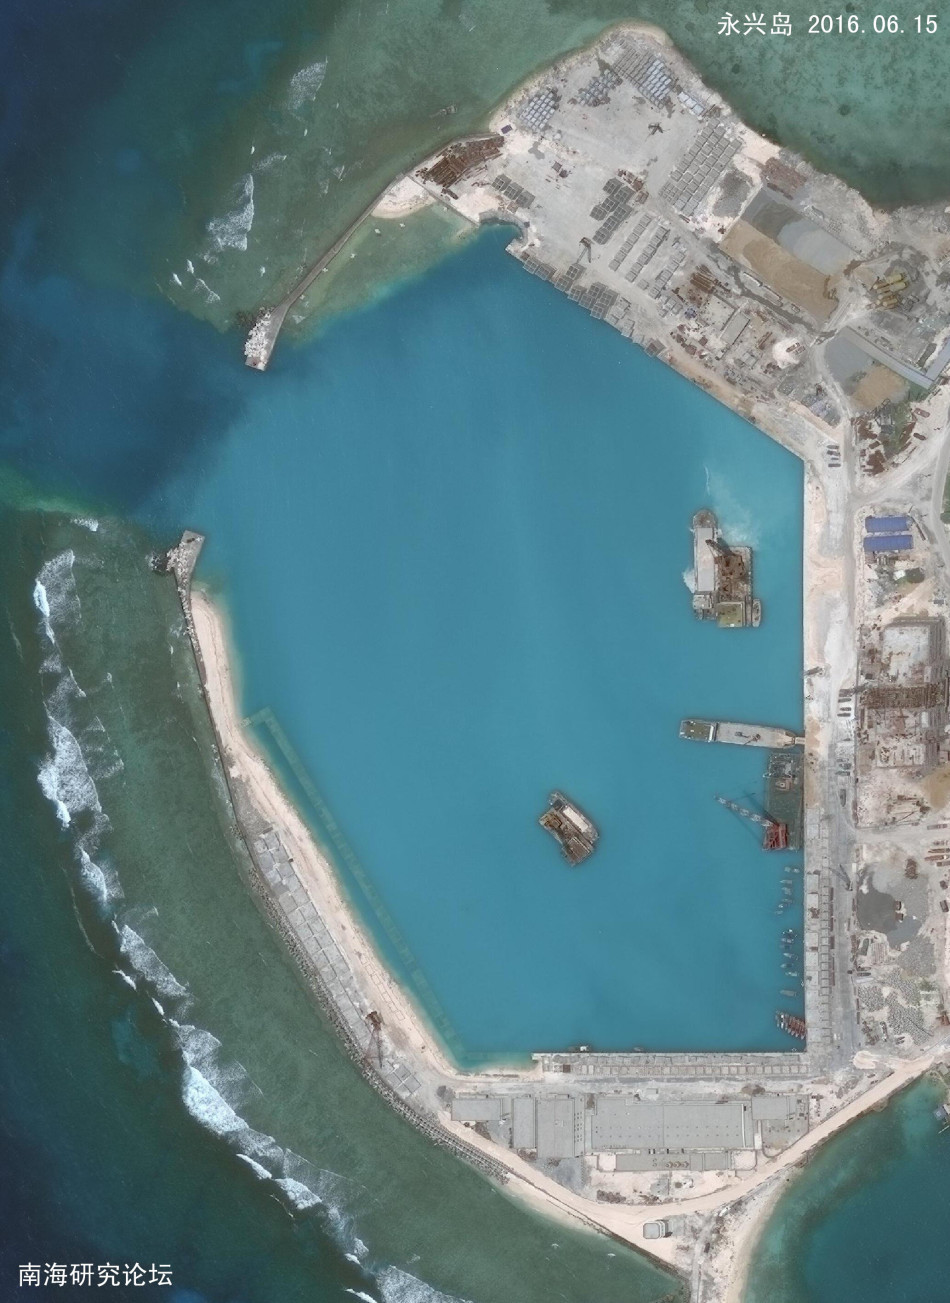 中国南海永兴岛机场的建设记录